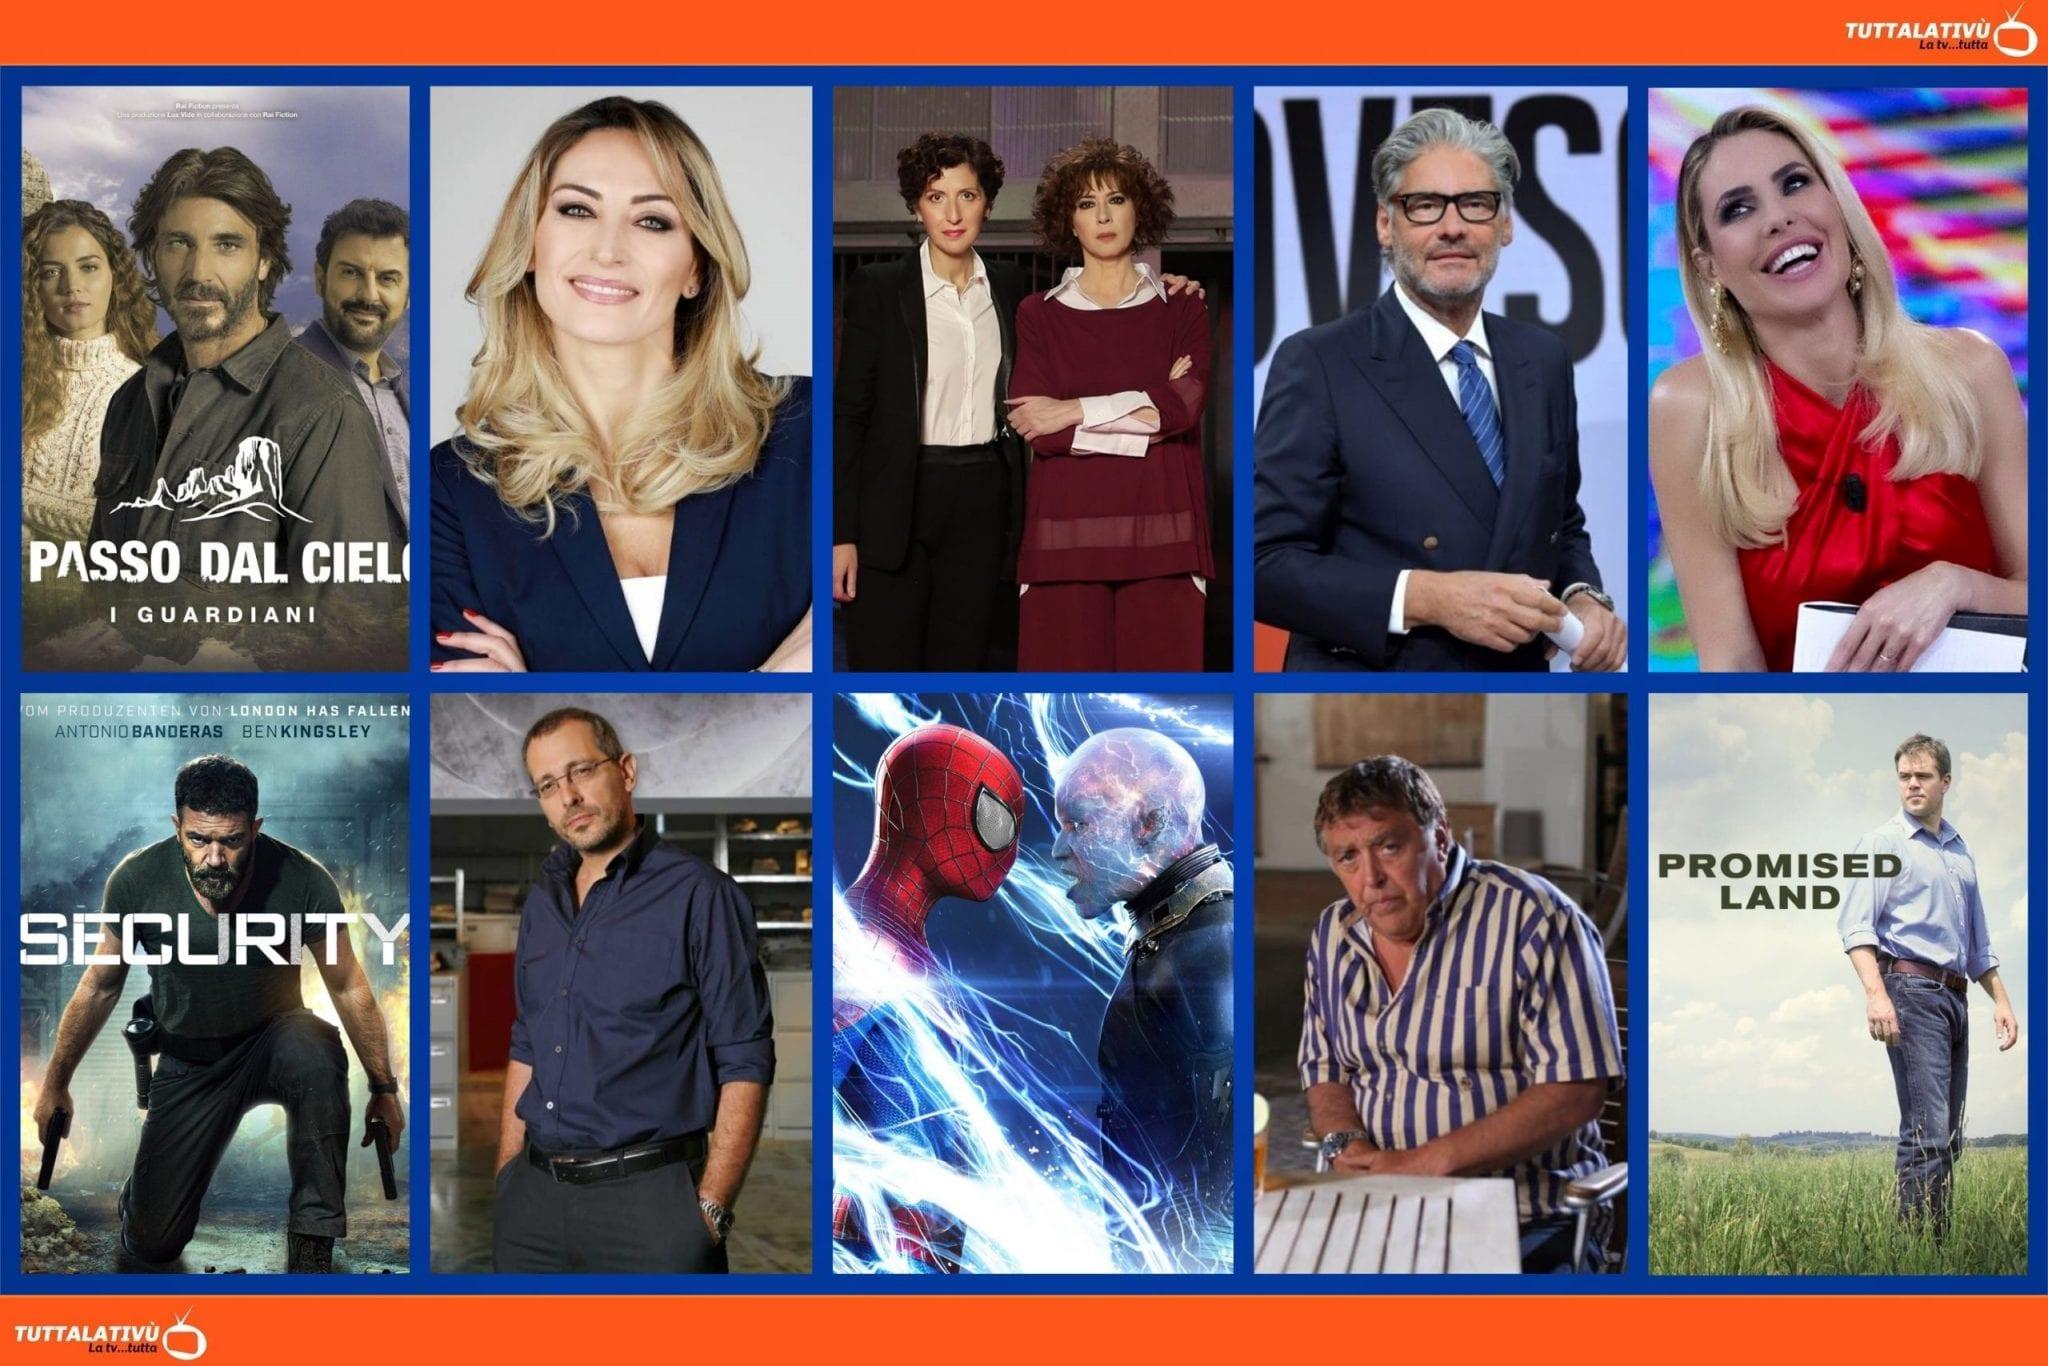 GuidaTV 22 Aprile 2021: Un passo dal cielo, L'isola dei famosi, la nuova edizione di Amore Criminale, Dritto e Rovescio, Piazzapulita, Promised Land